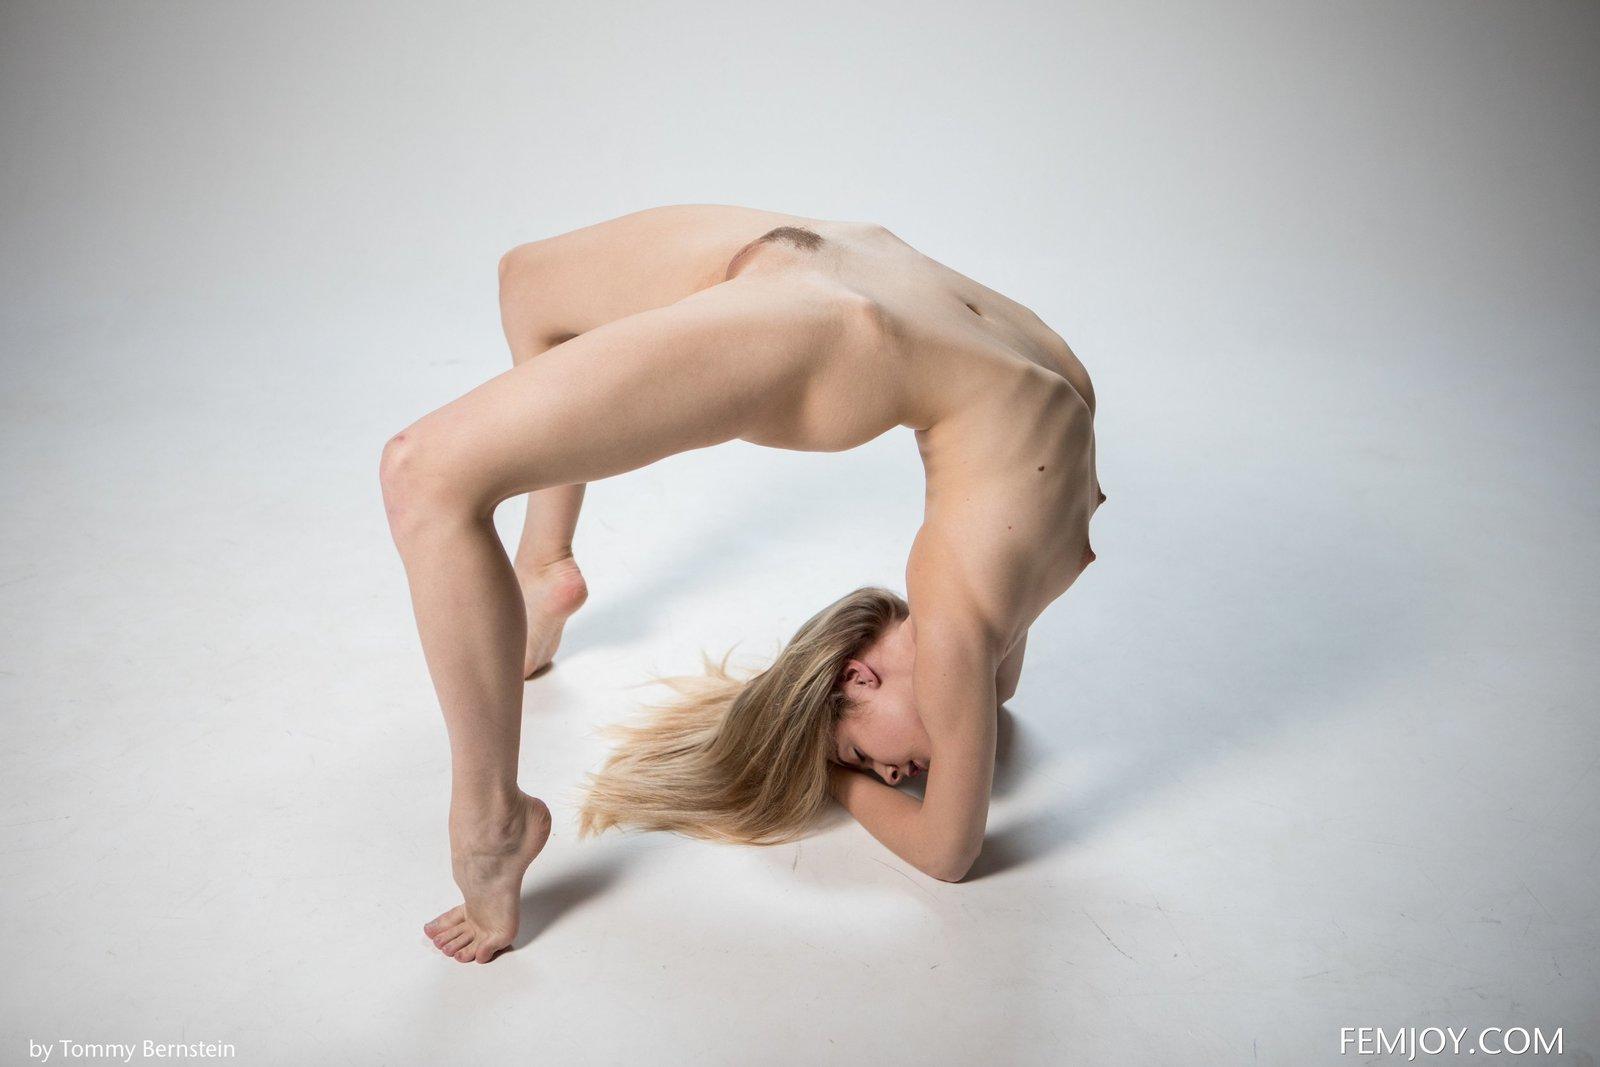 Фото голая гибкая девушка, Порно с гибкими девушками, секс фото с гимнастами 19 фотография